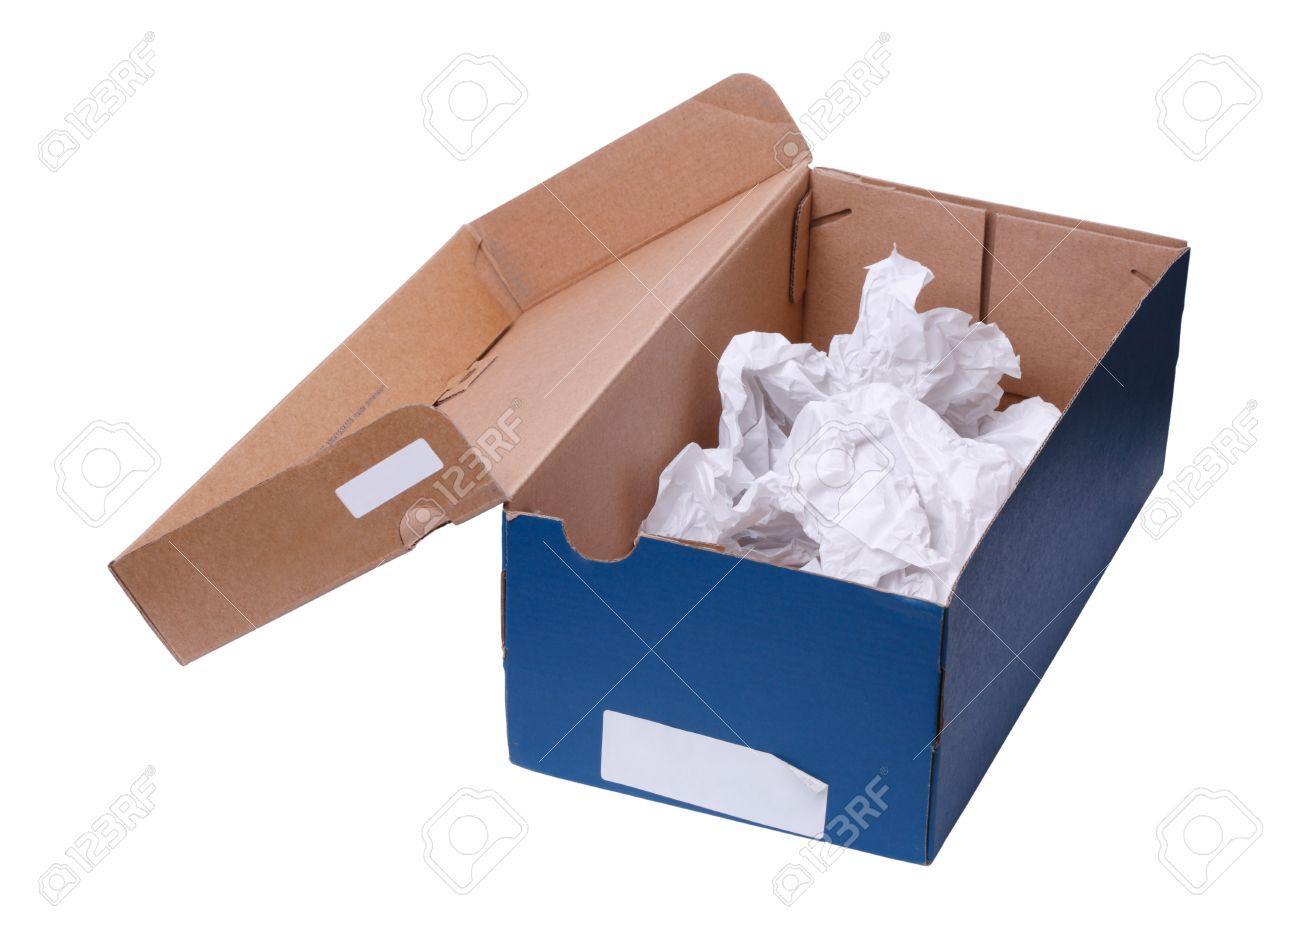 boîte à chaussures vide faite de papier brouillon et de la carte